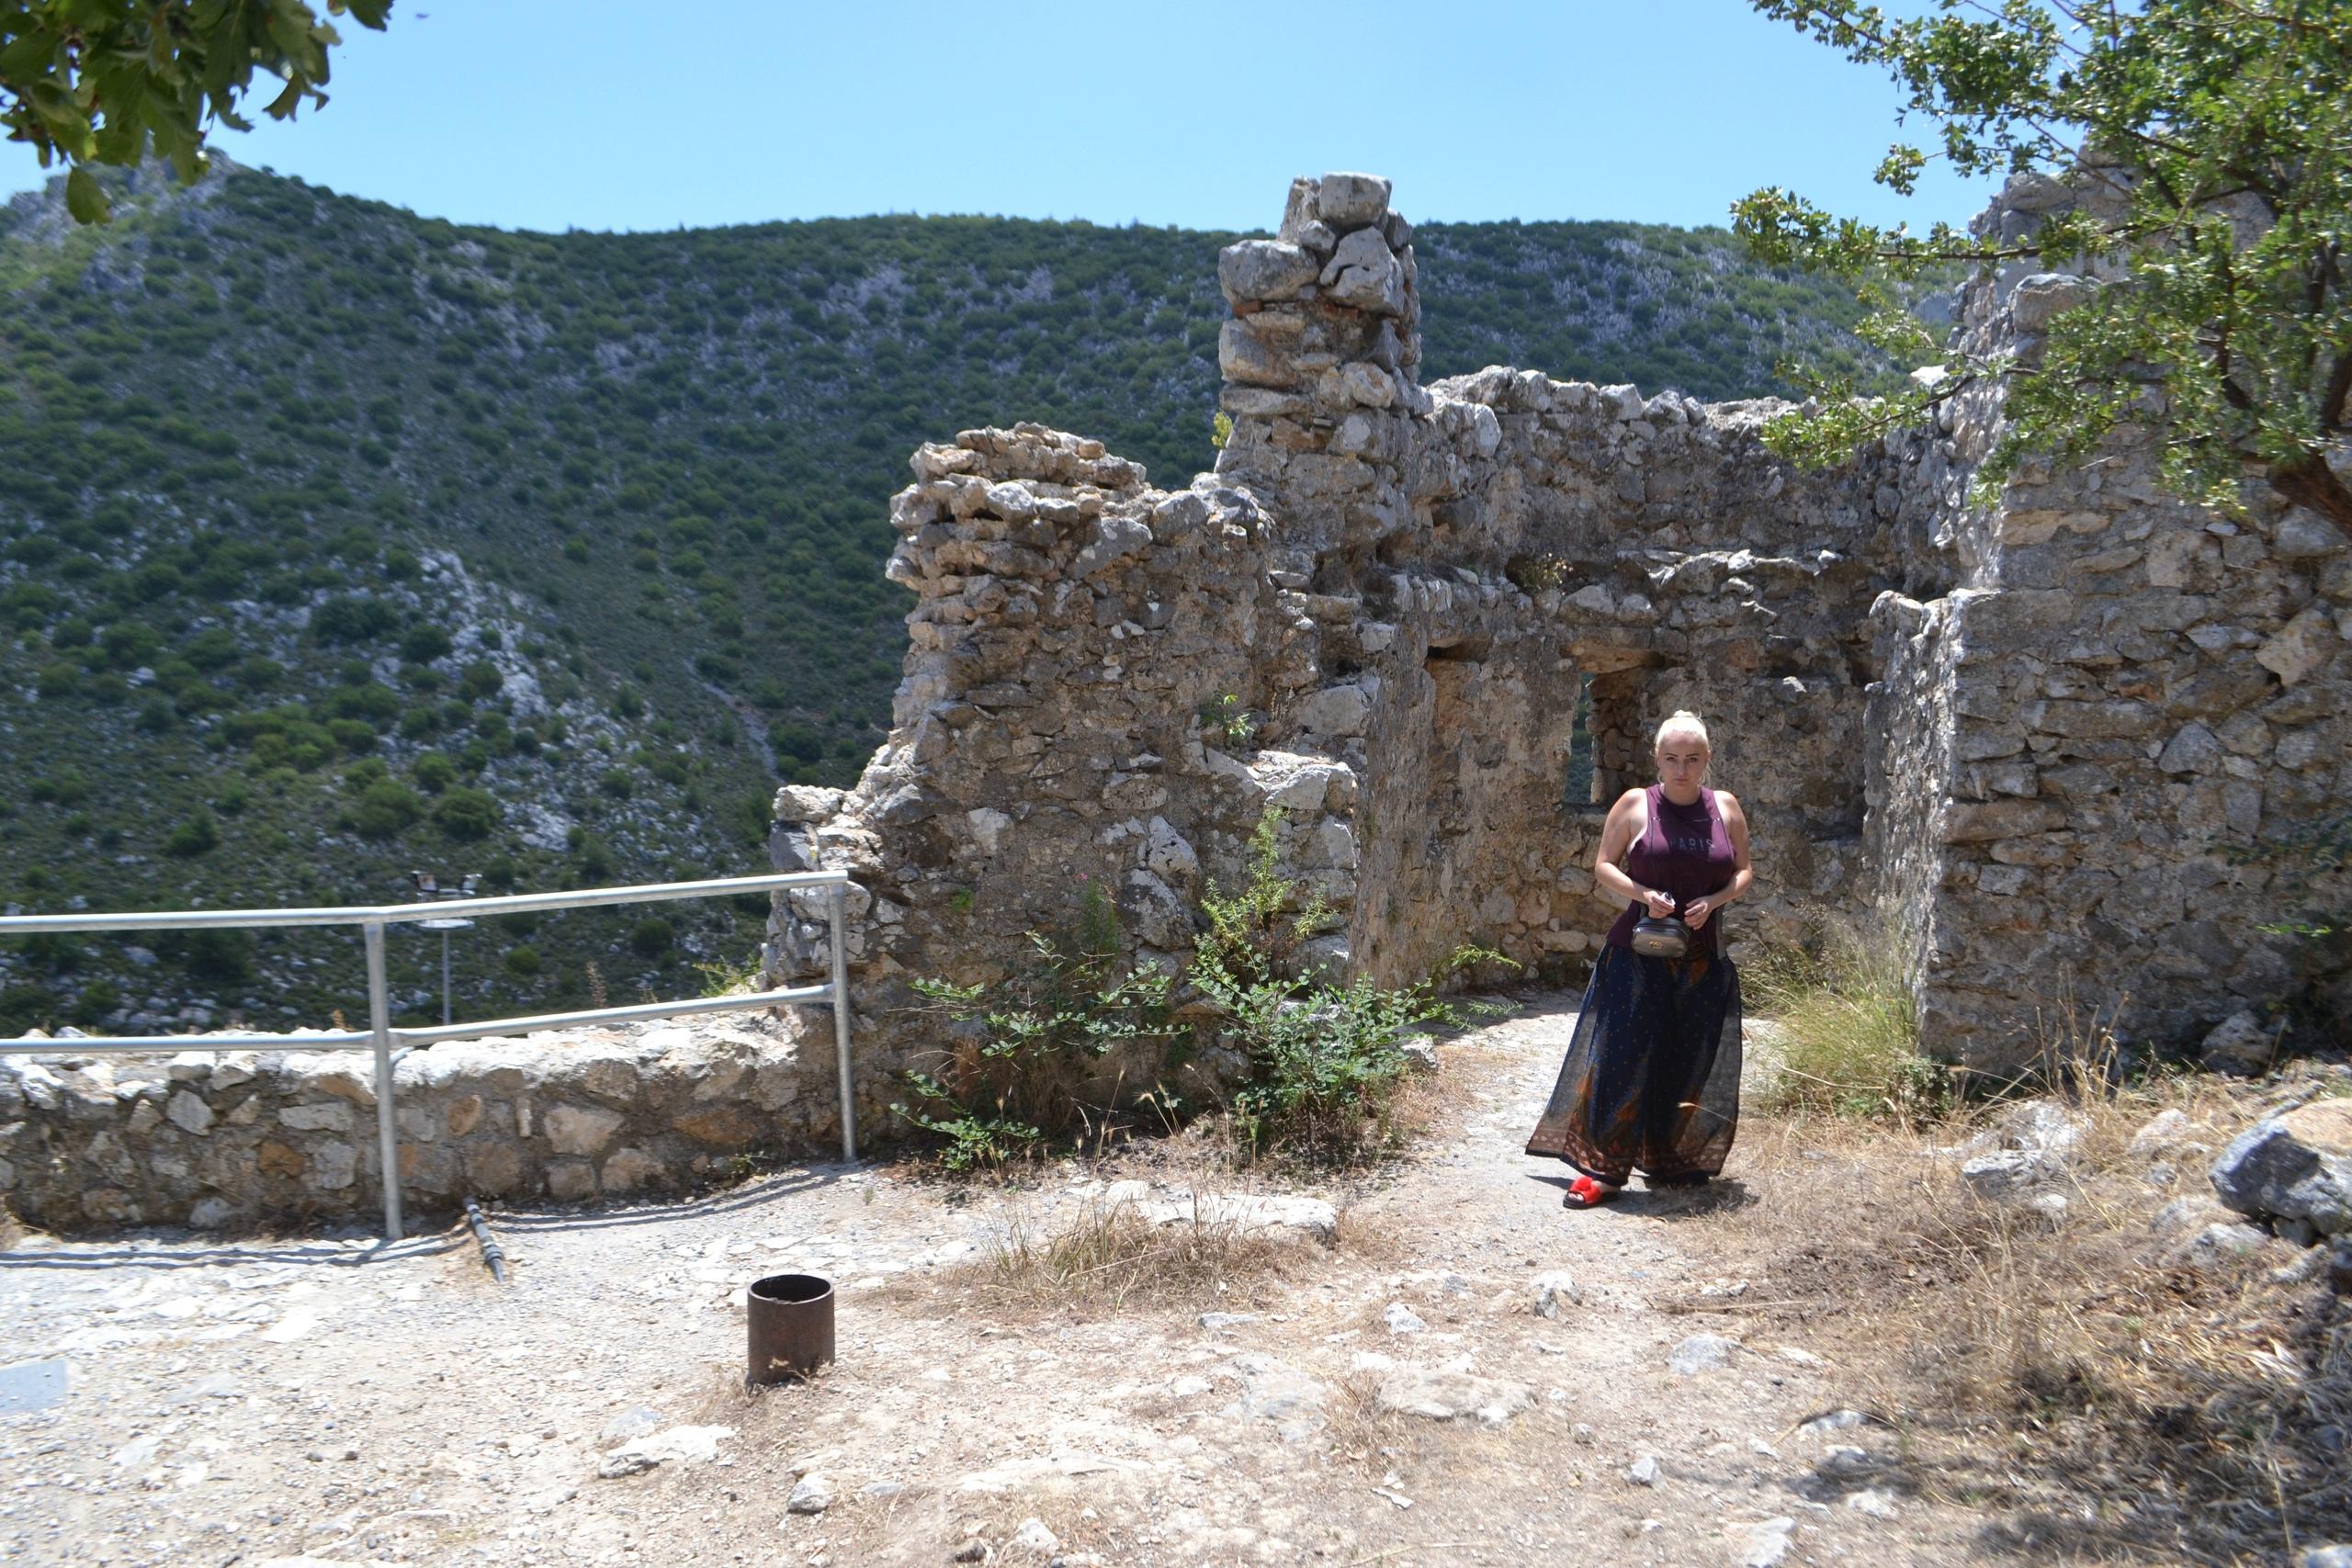 Северный Кипр. Замок Святого Иллариона. (фото). PEVjzvKLQi8